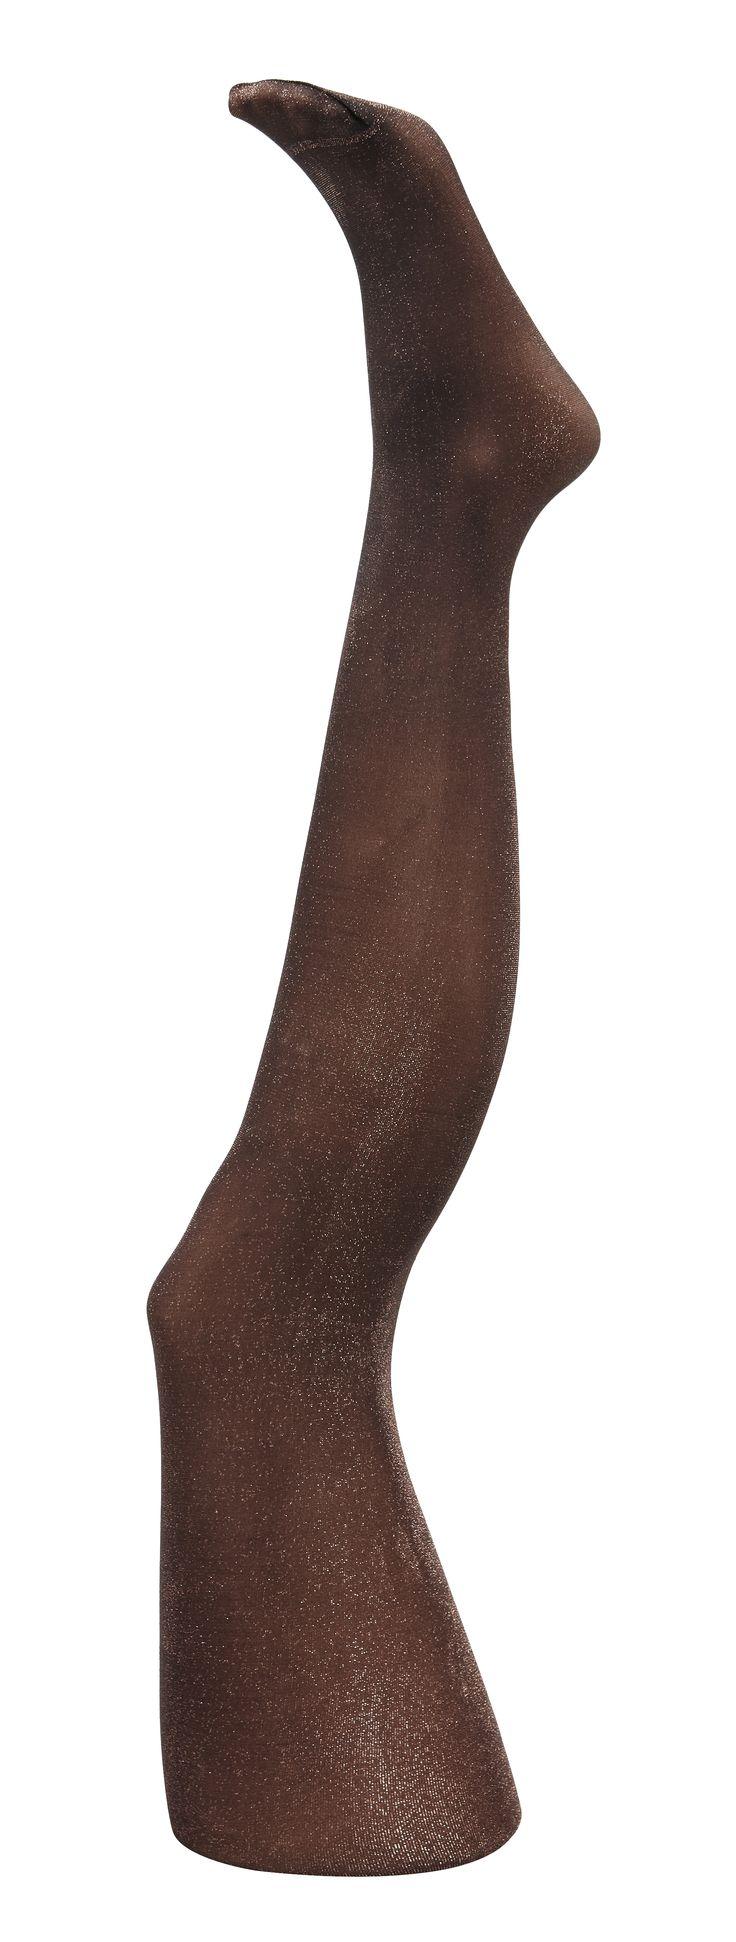 Collants ILUREX. Une finition exceptionnelle pour ce collant en lurex. Toute en brillance vos jambes seront magnifiques. Collant 40D. coutures plates. gousset coton. Repassé. formé droit. Partenariat LE BOURGET. #mode#elora#elorabygf#collants#lurex#bronze#scintillant#LE BROUGET#